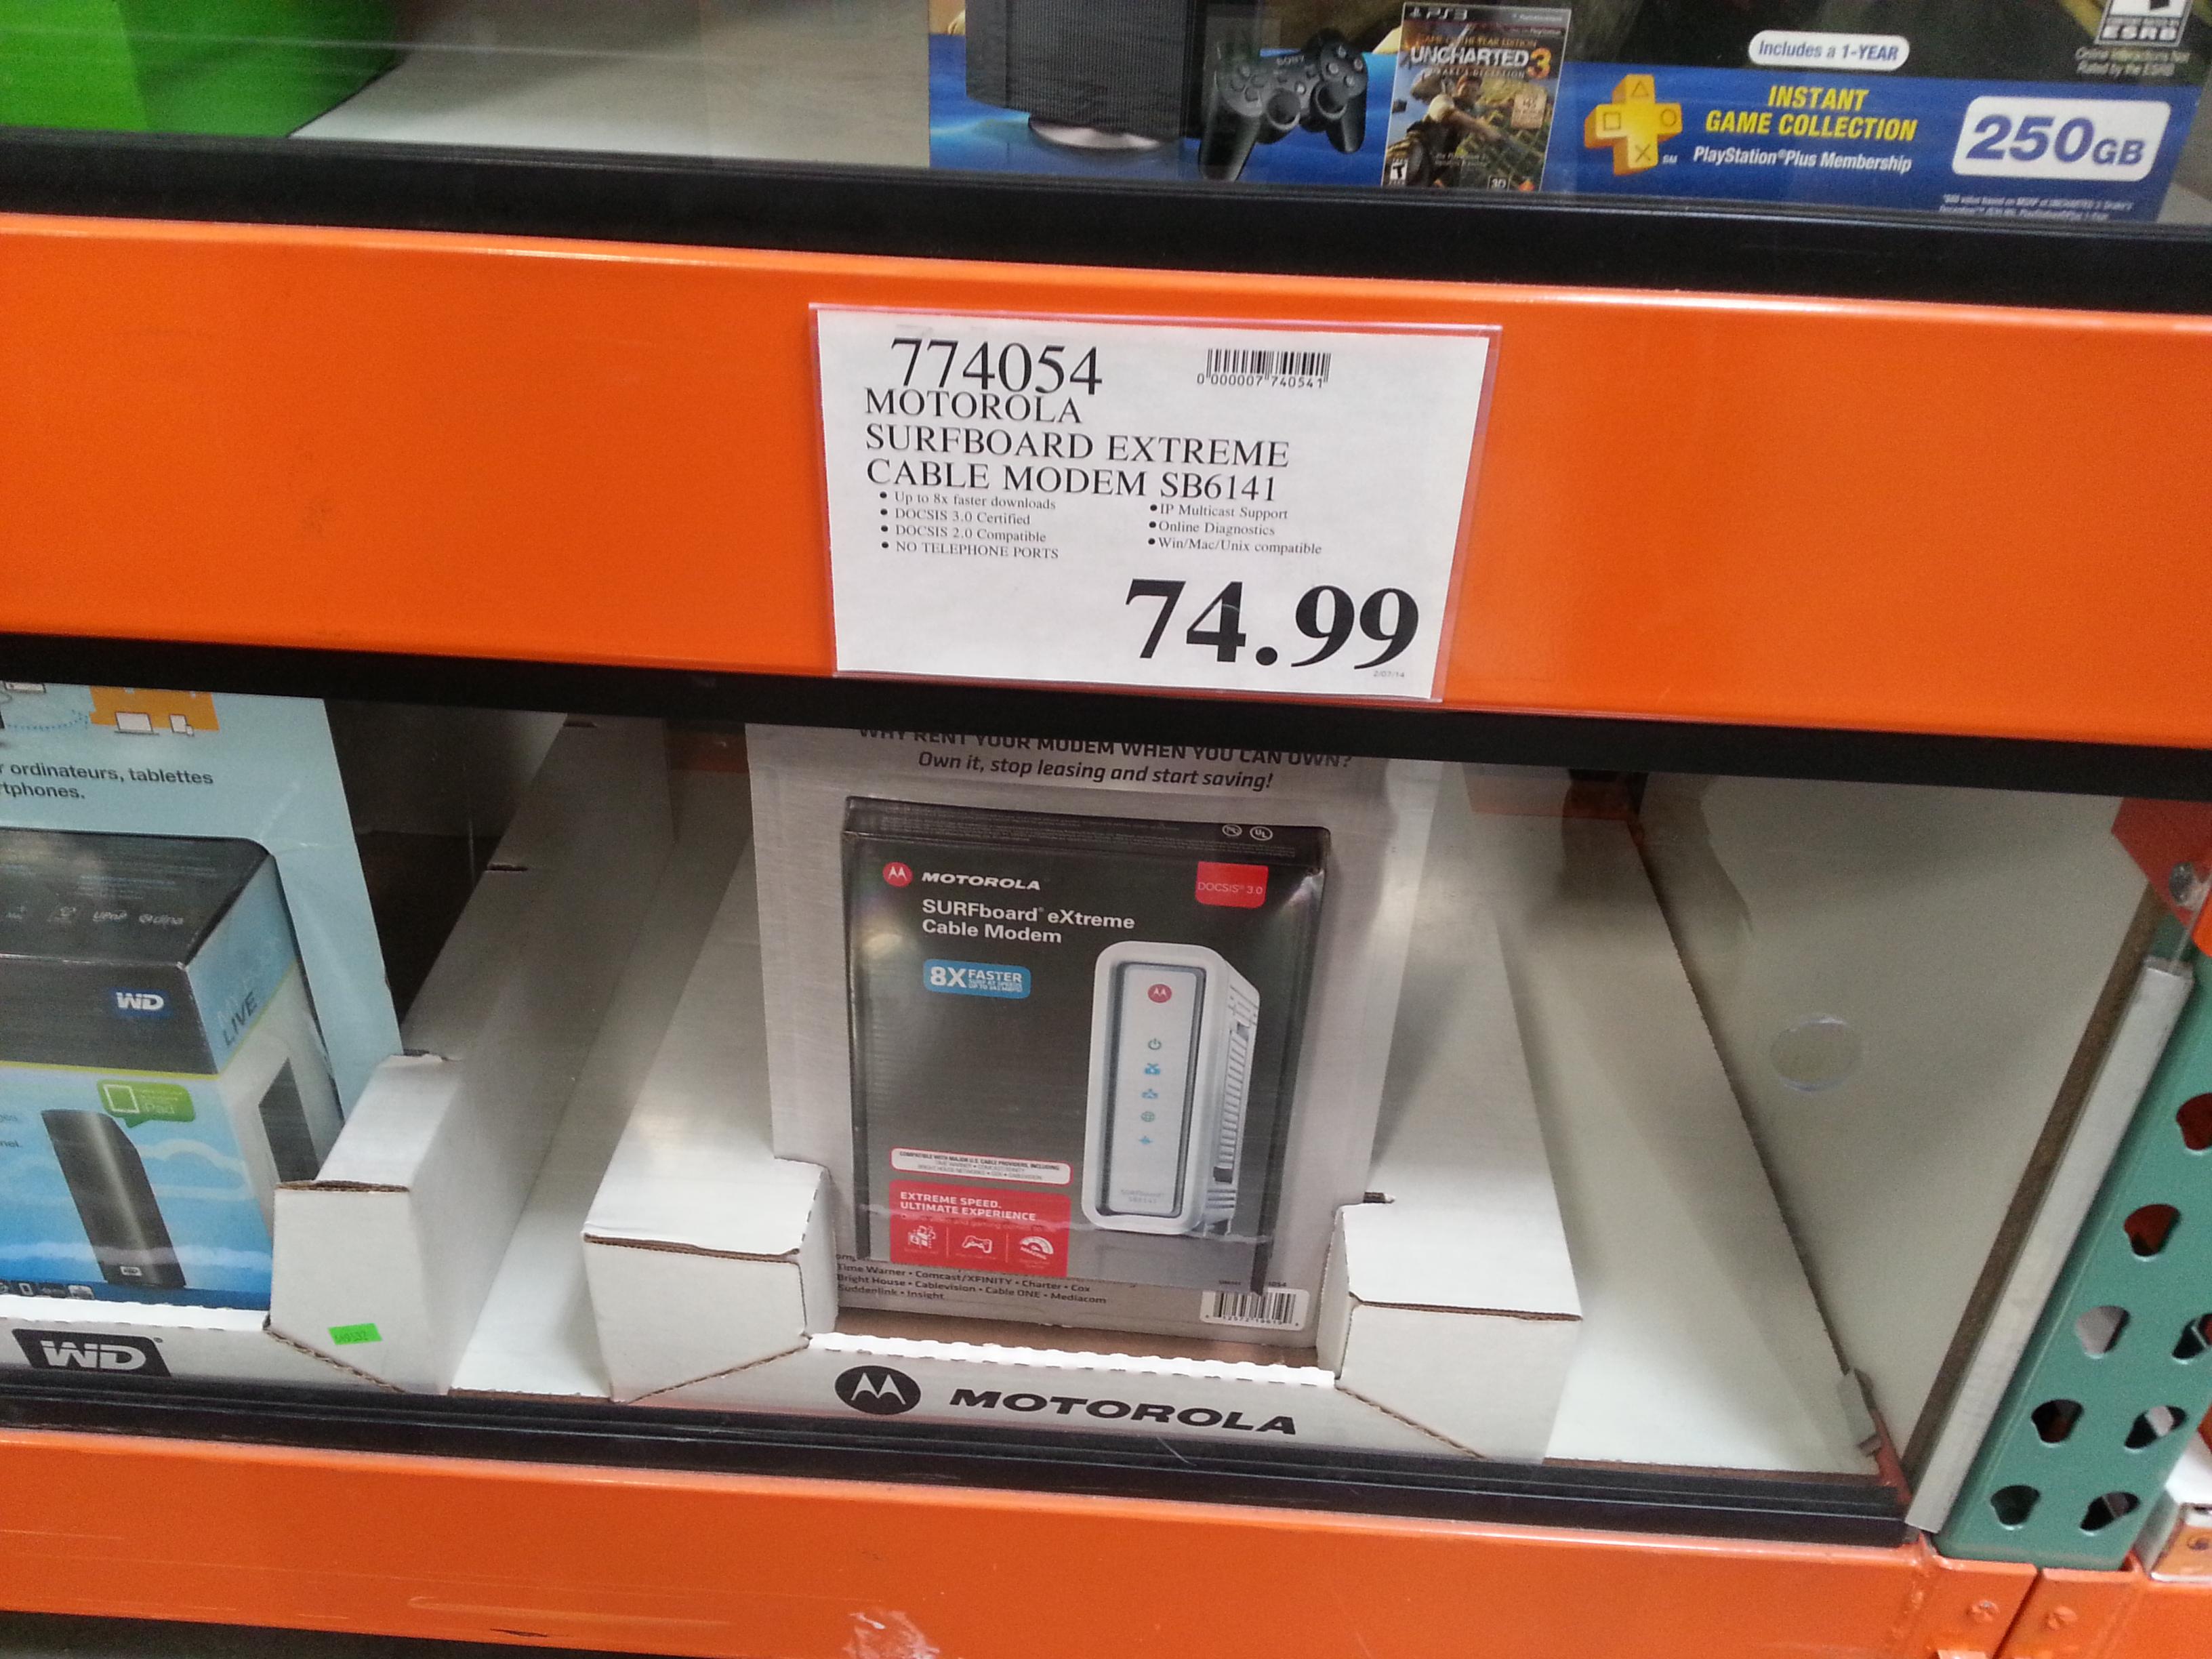 Motorola SB 6141 Surfboard Modem 74.99 + Tax Costco PM at Best Buy